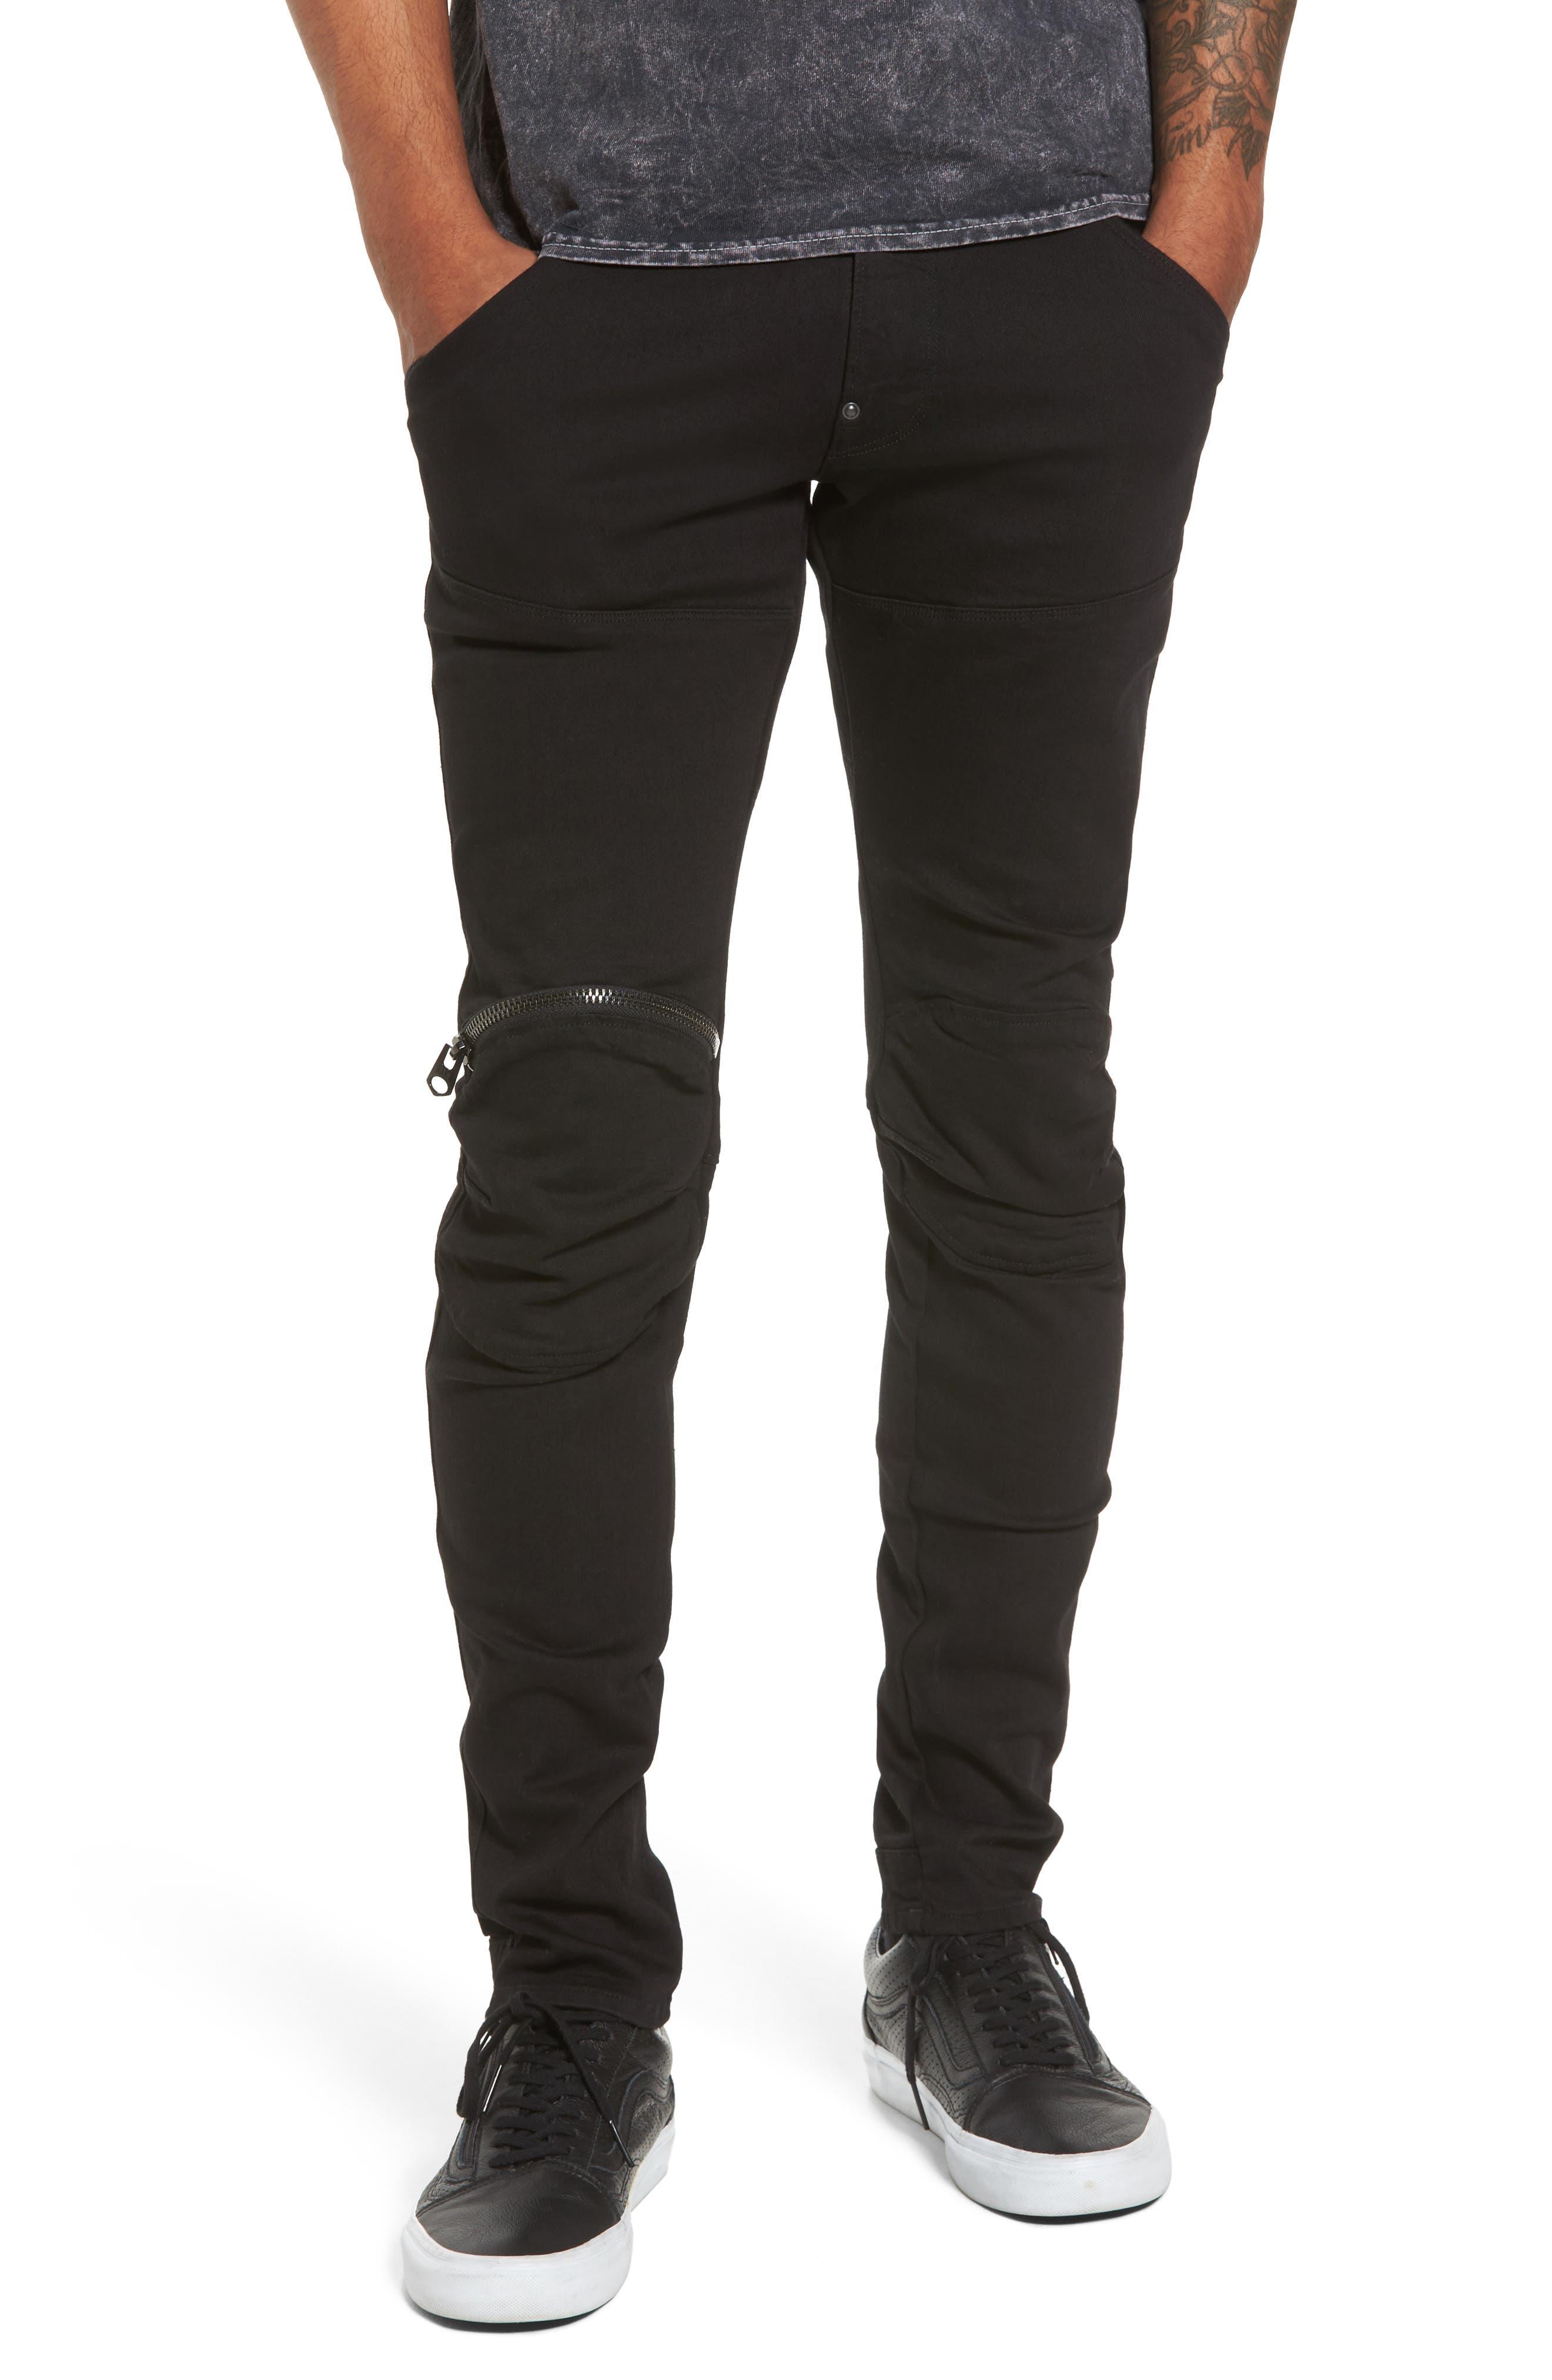 3D Zip Knee Super Slim Pants,                             Main thumbnail 1, color,                             Rinsed